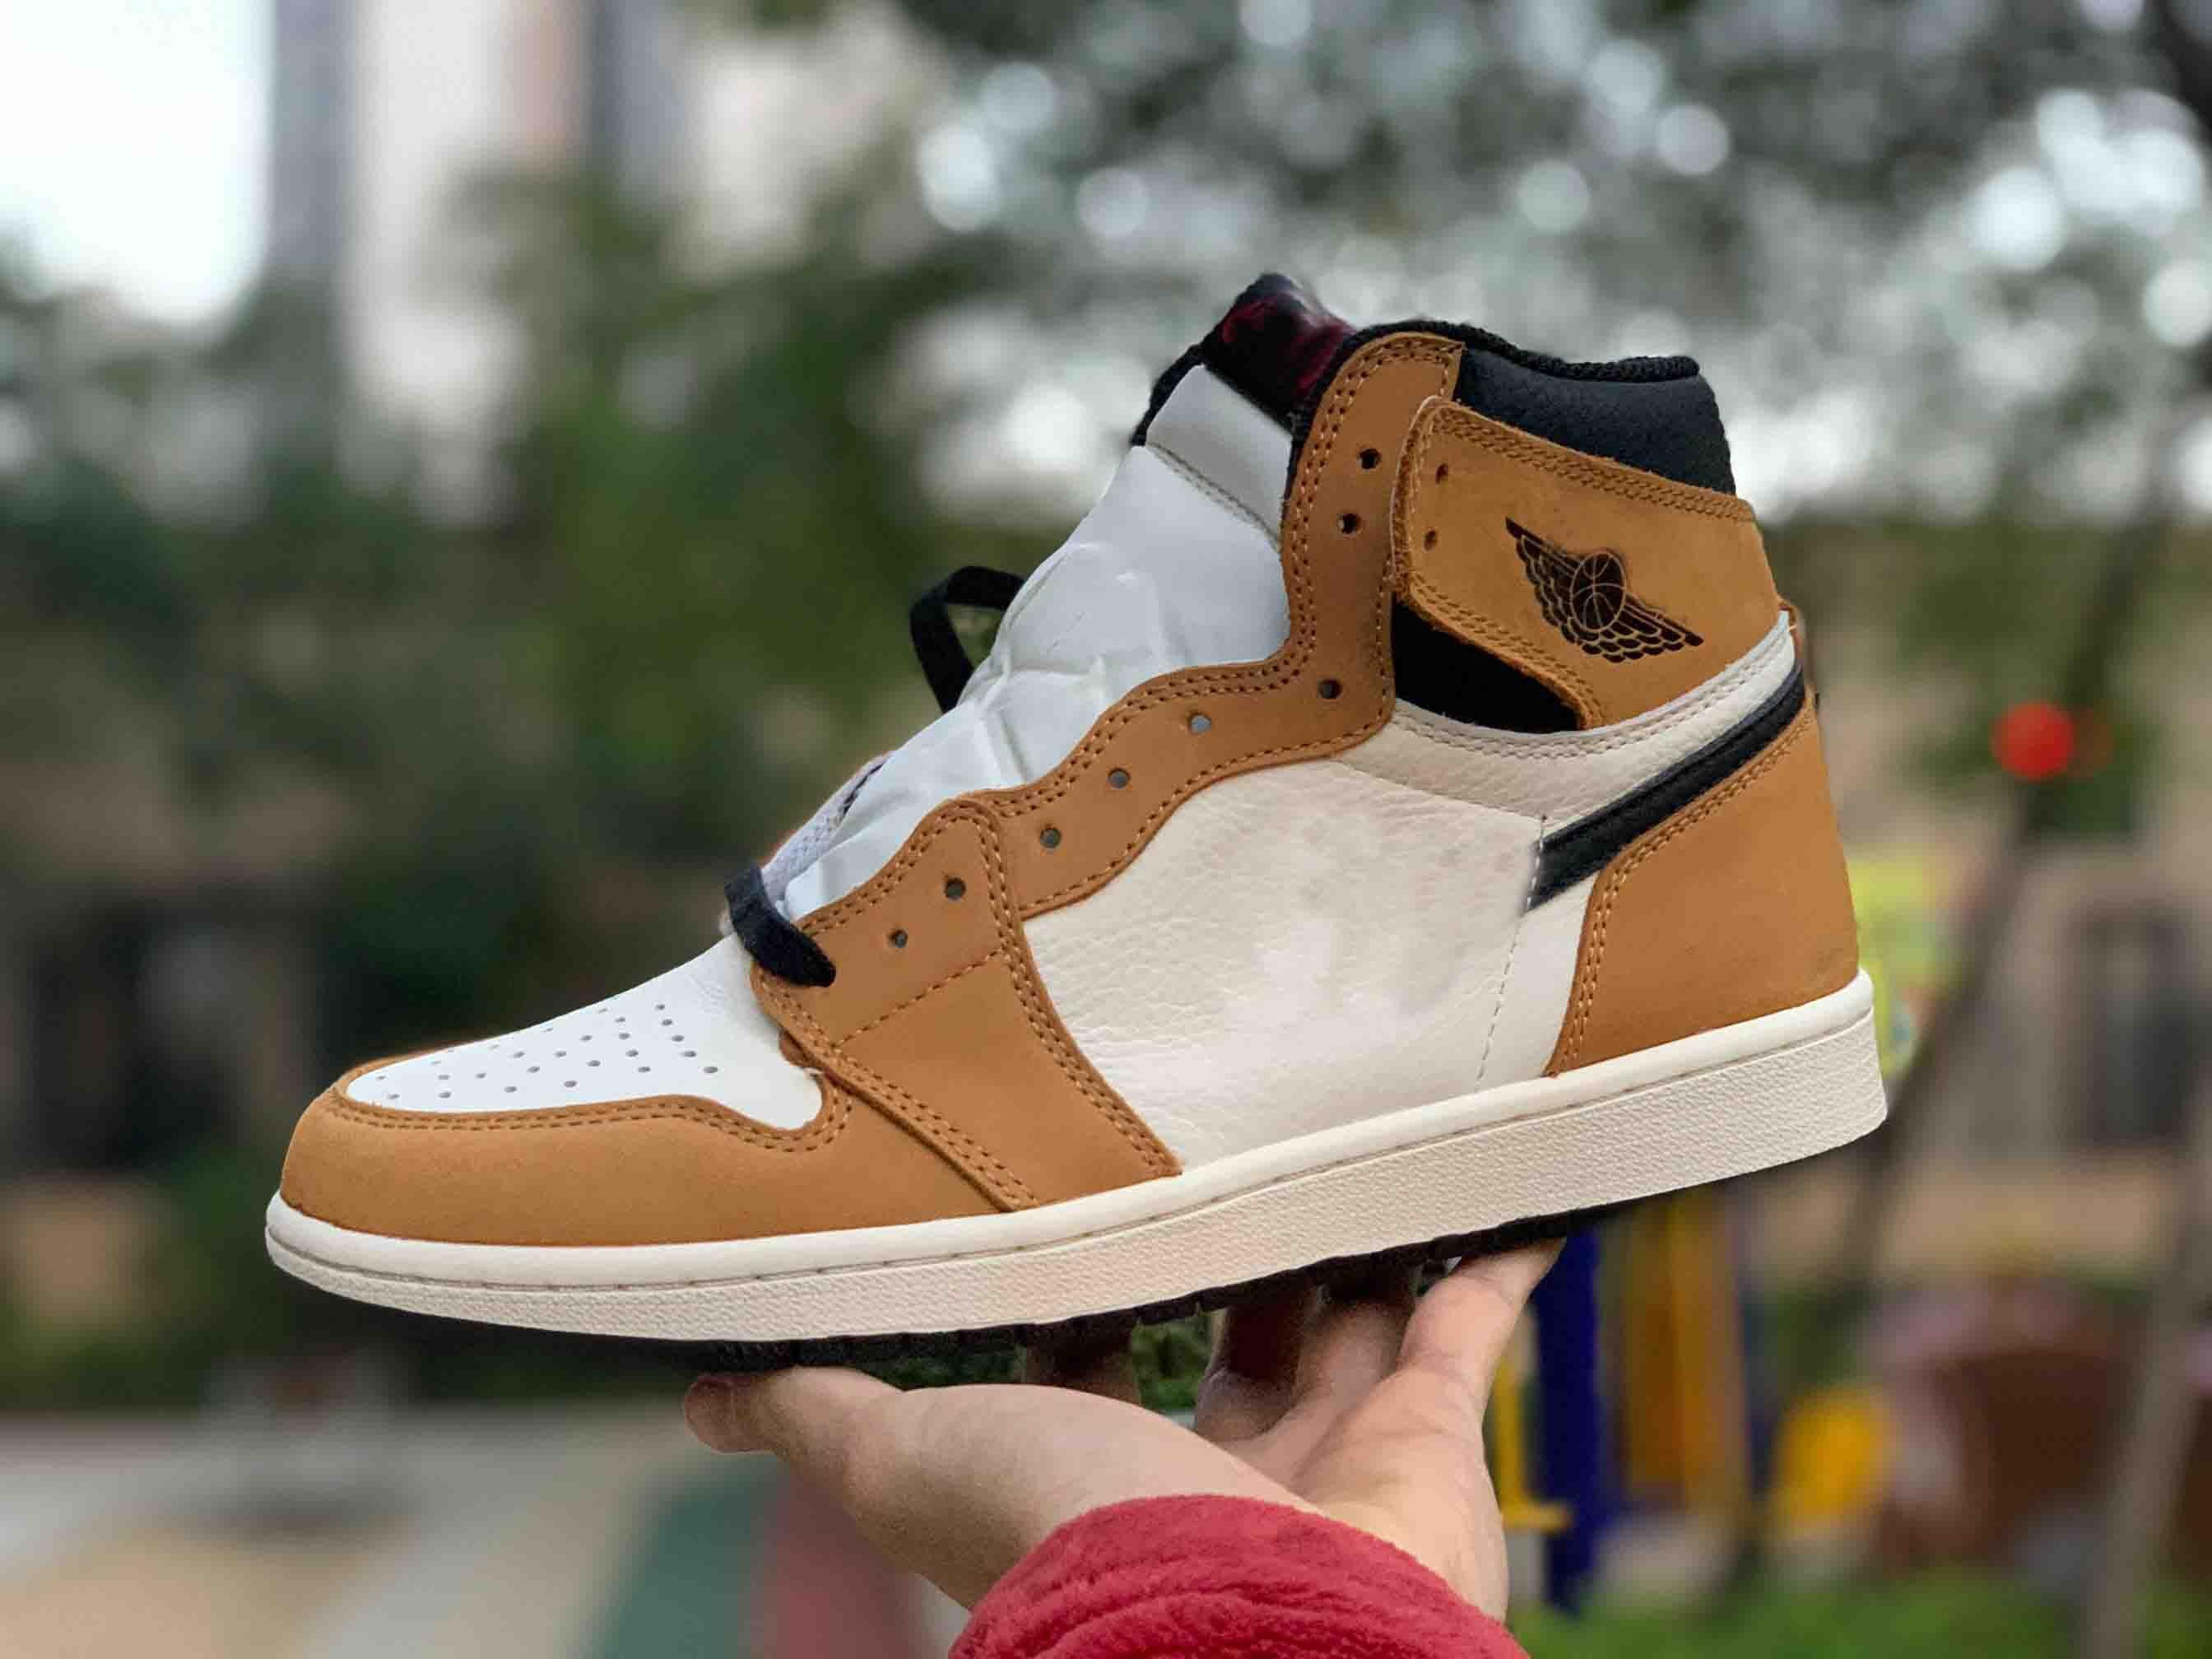 Designer mens Moda off mulheres Luxo basquete formadores sapatos masculinos mulheres estrela branca executando o tênis de ouro sapatos desportivos tamanho 5-12